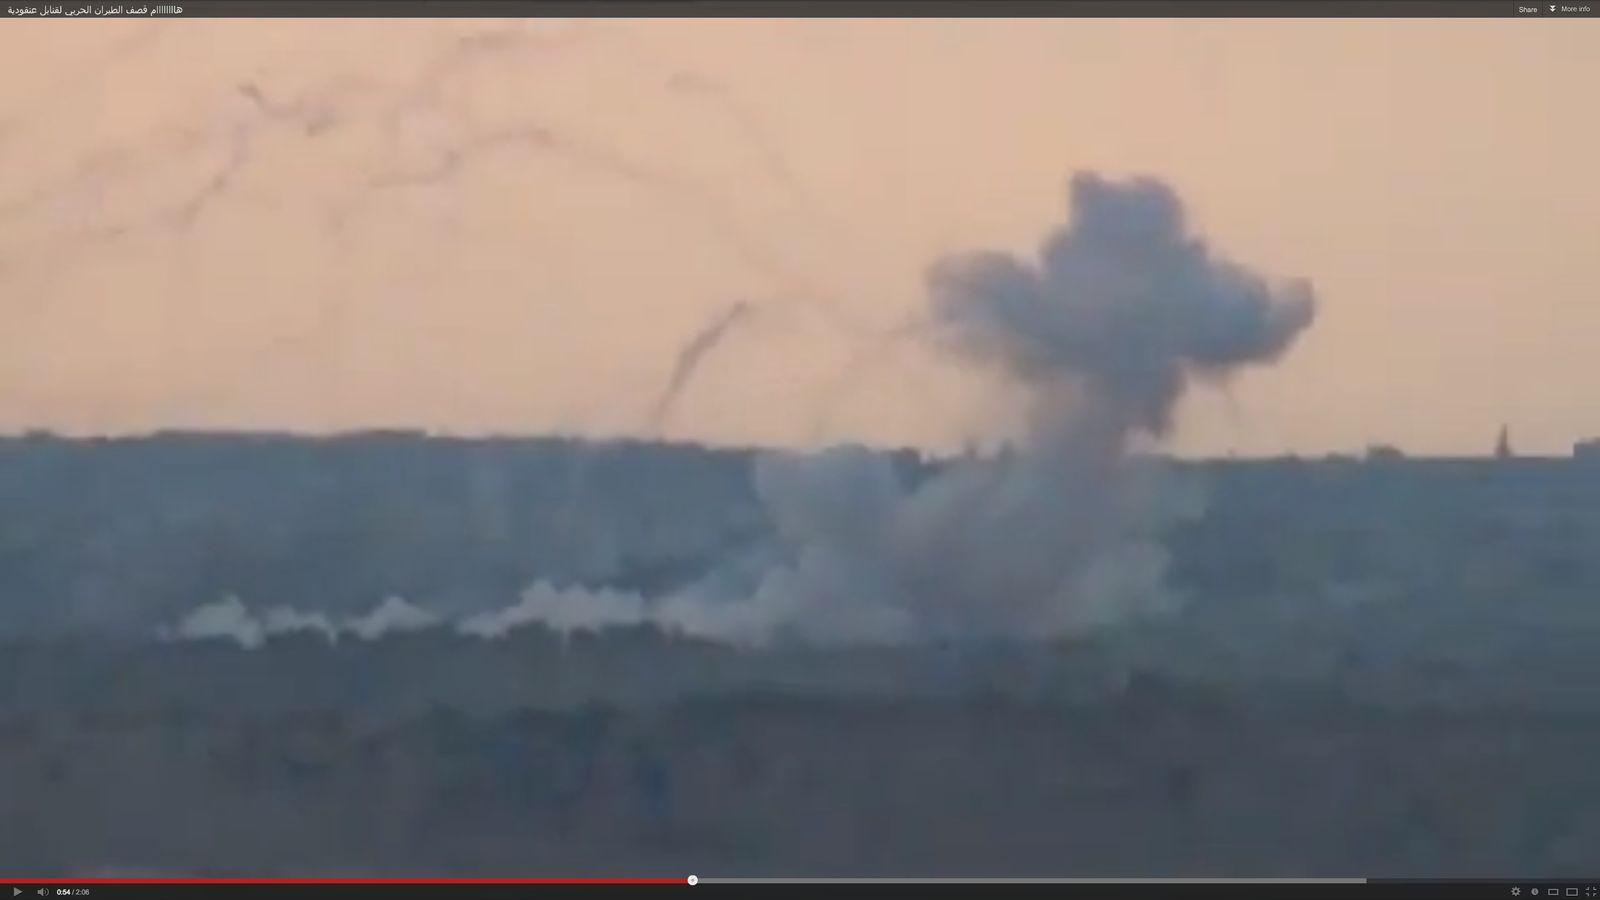 NUR ALS ZITAT Syrien / Brandbomben / Youtube